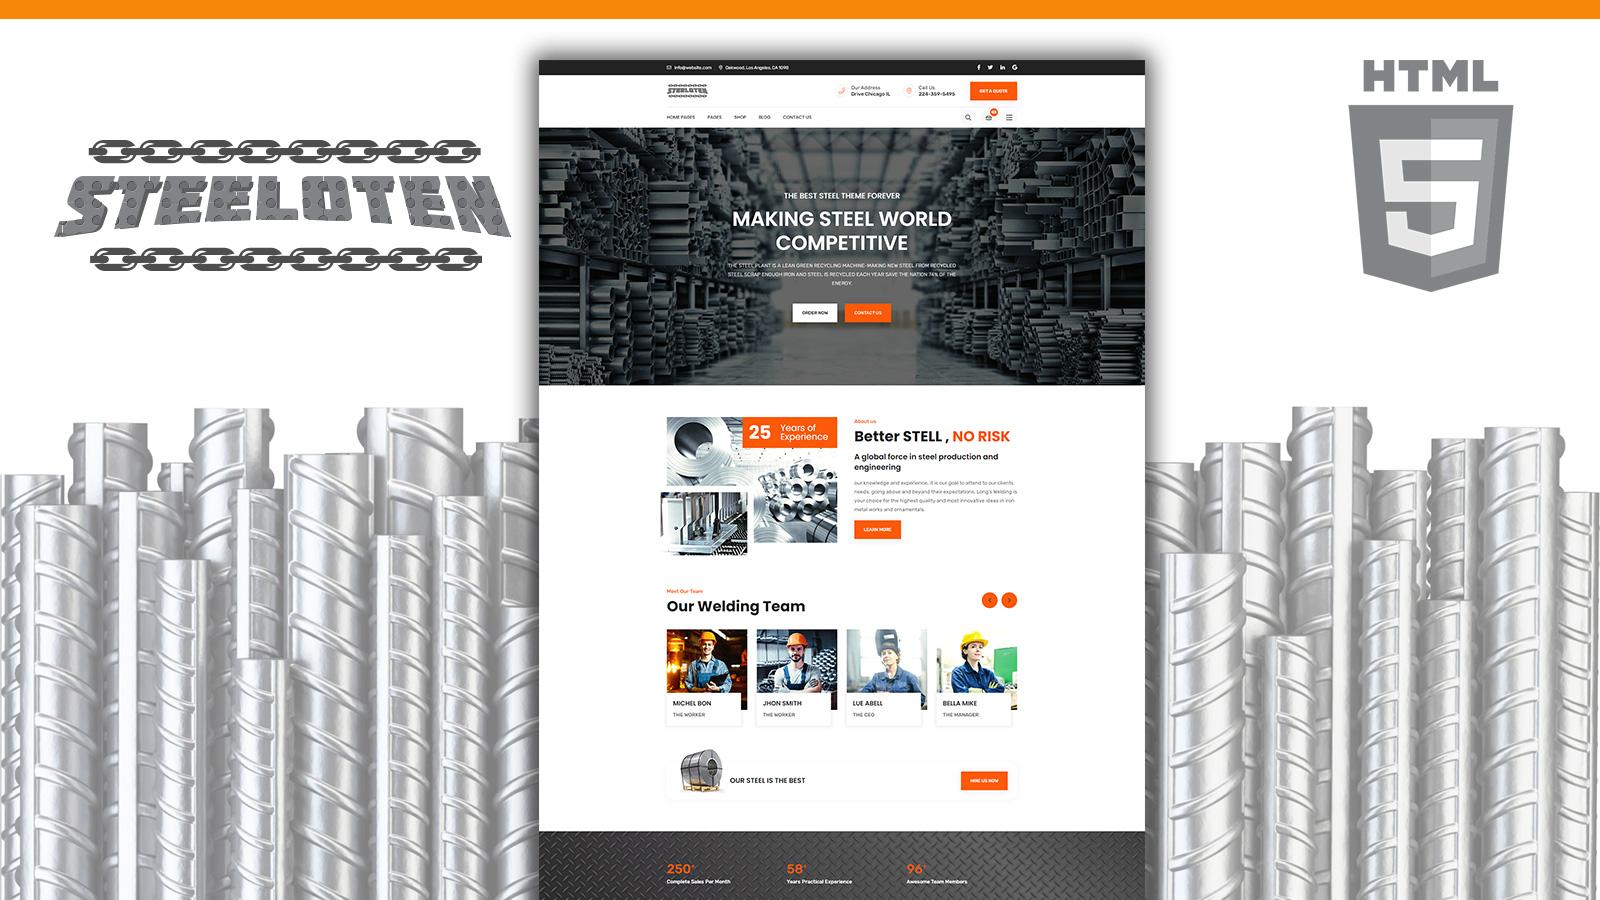 Modelo de site HTML5 para loja de serviços de aço e metalurgia da Steeloten